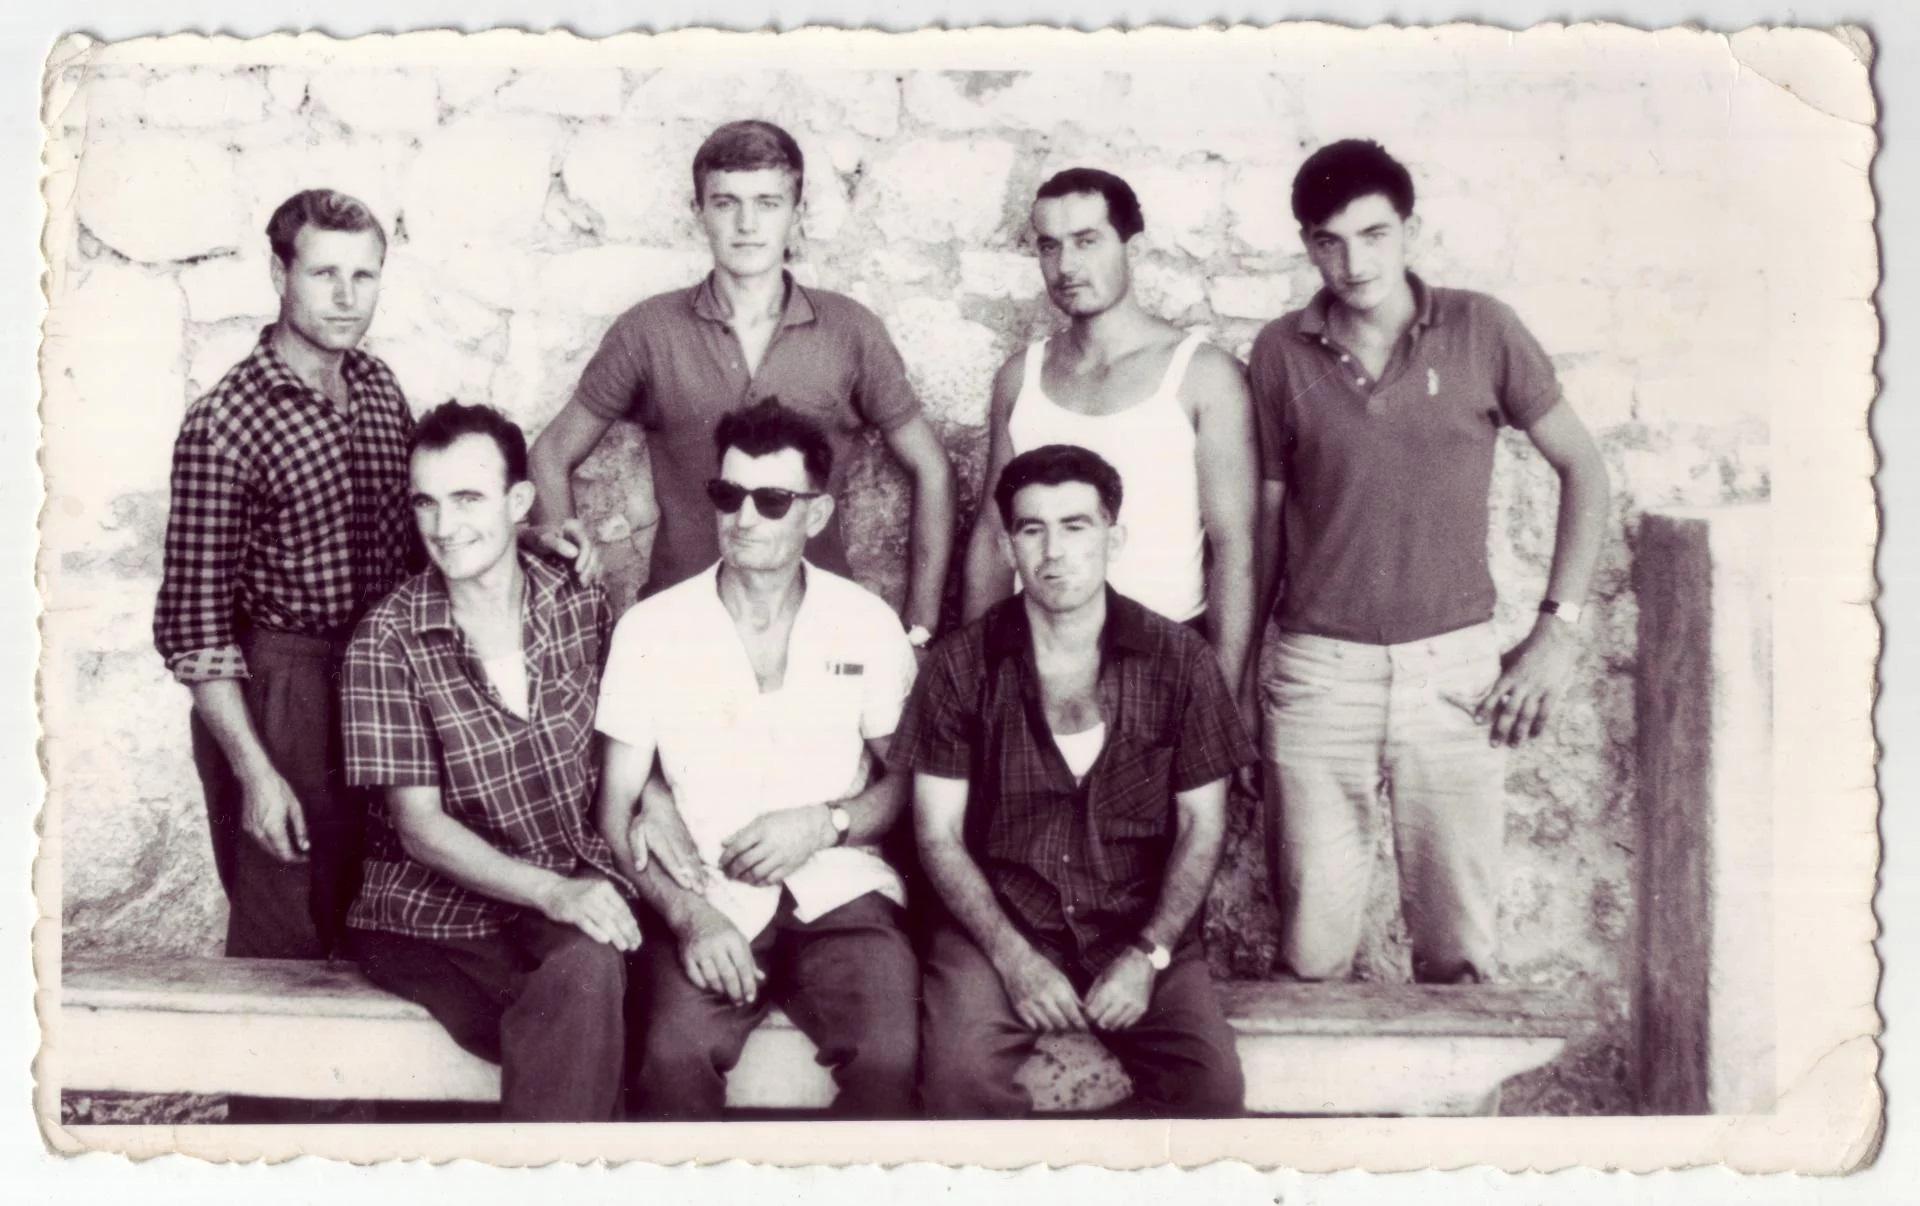 Trgovci i mesari iz Zavojana snimljeni na imotskom pazaru 1968. godine